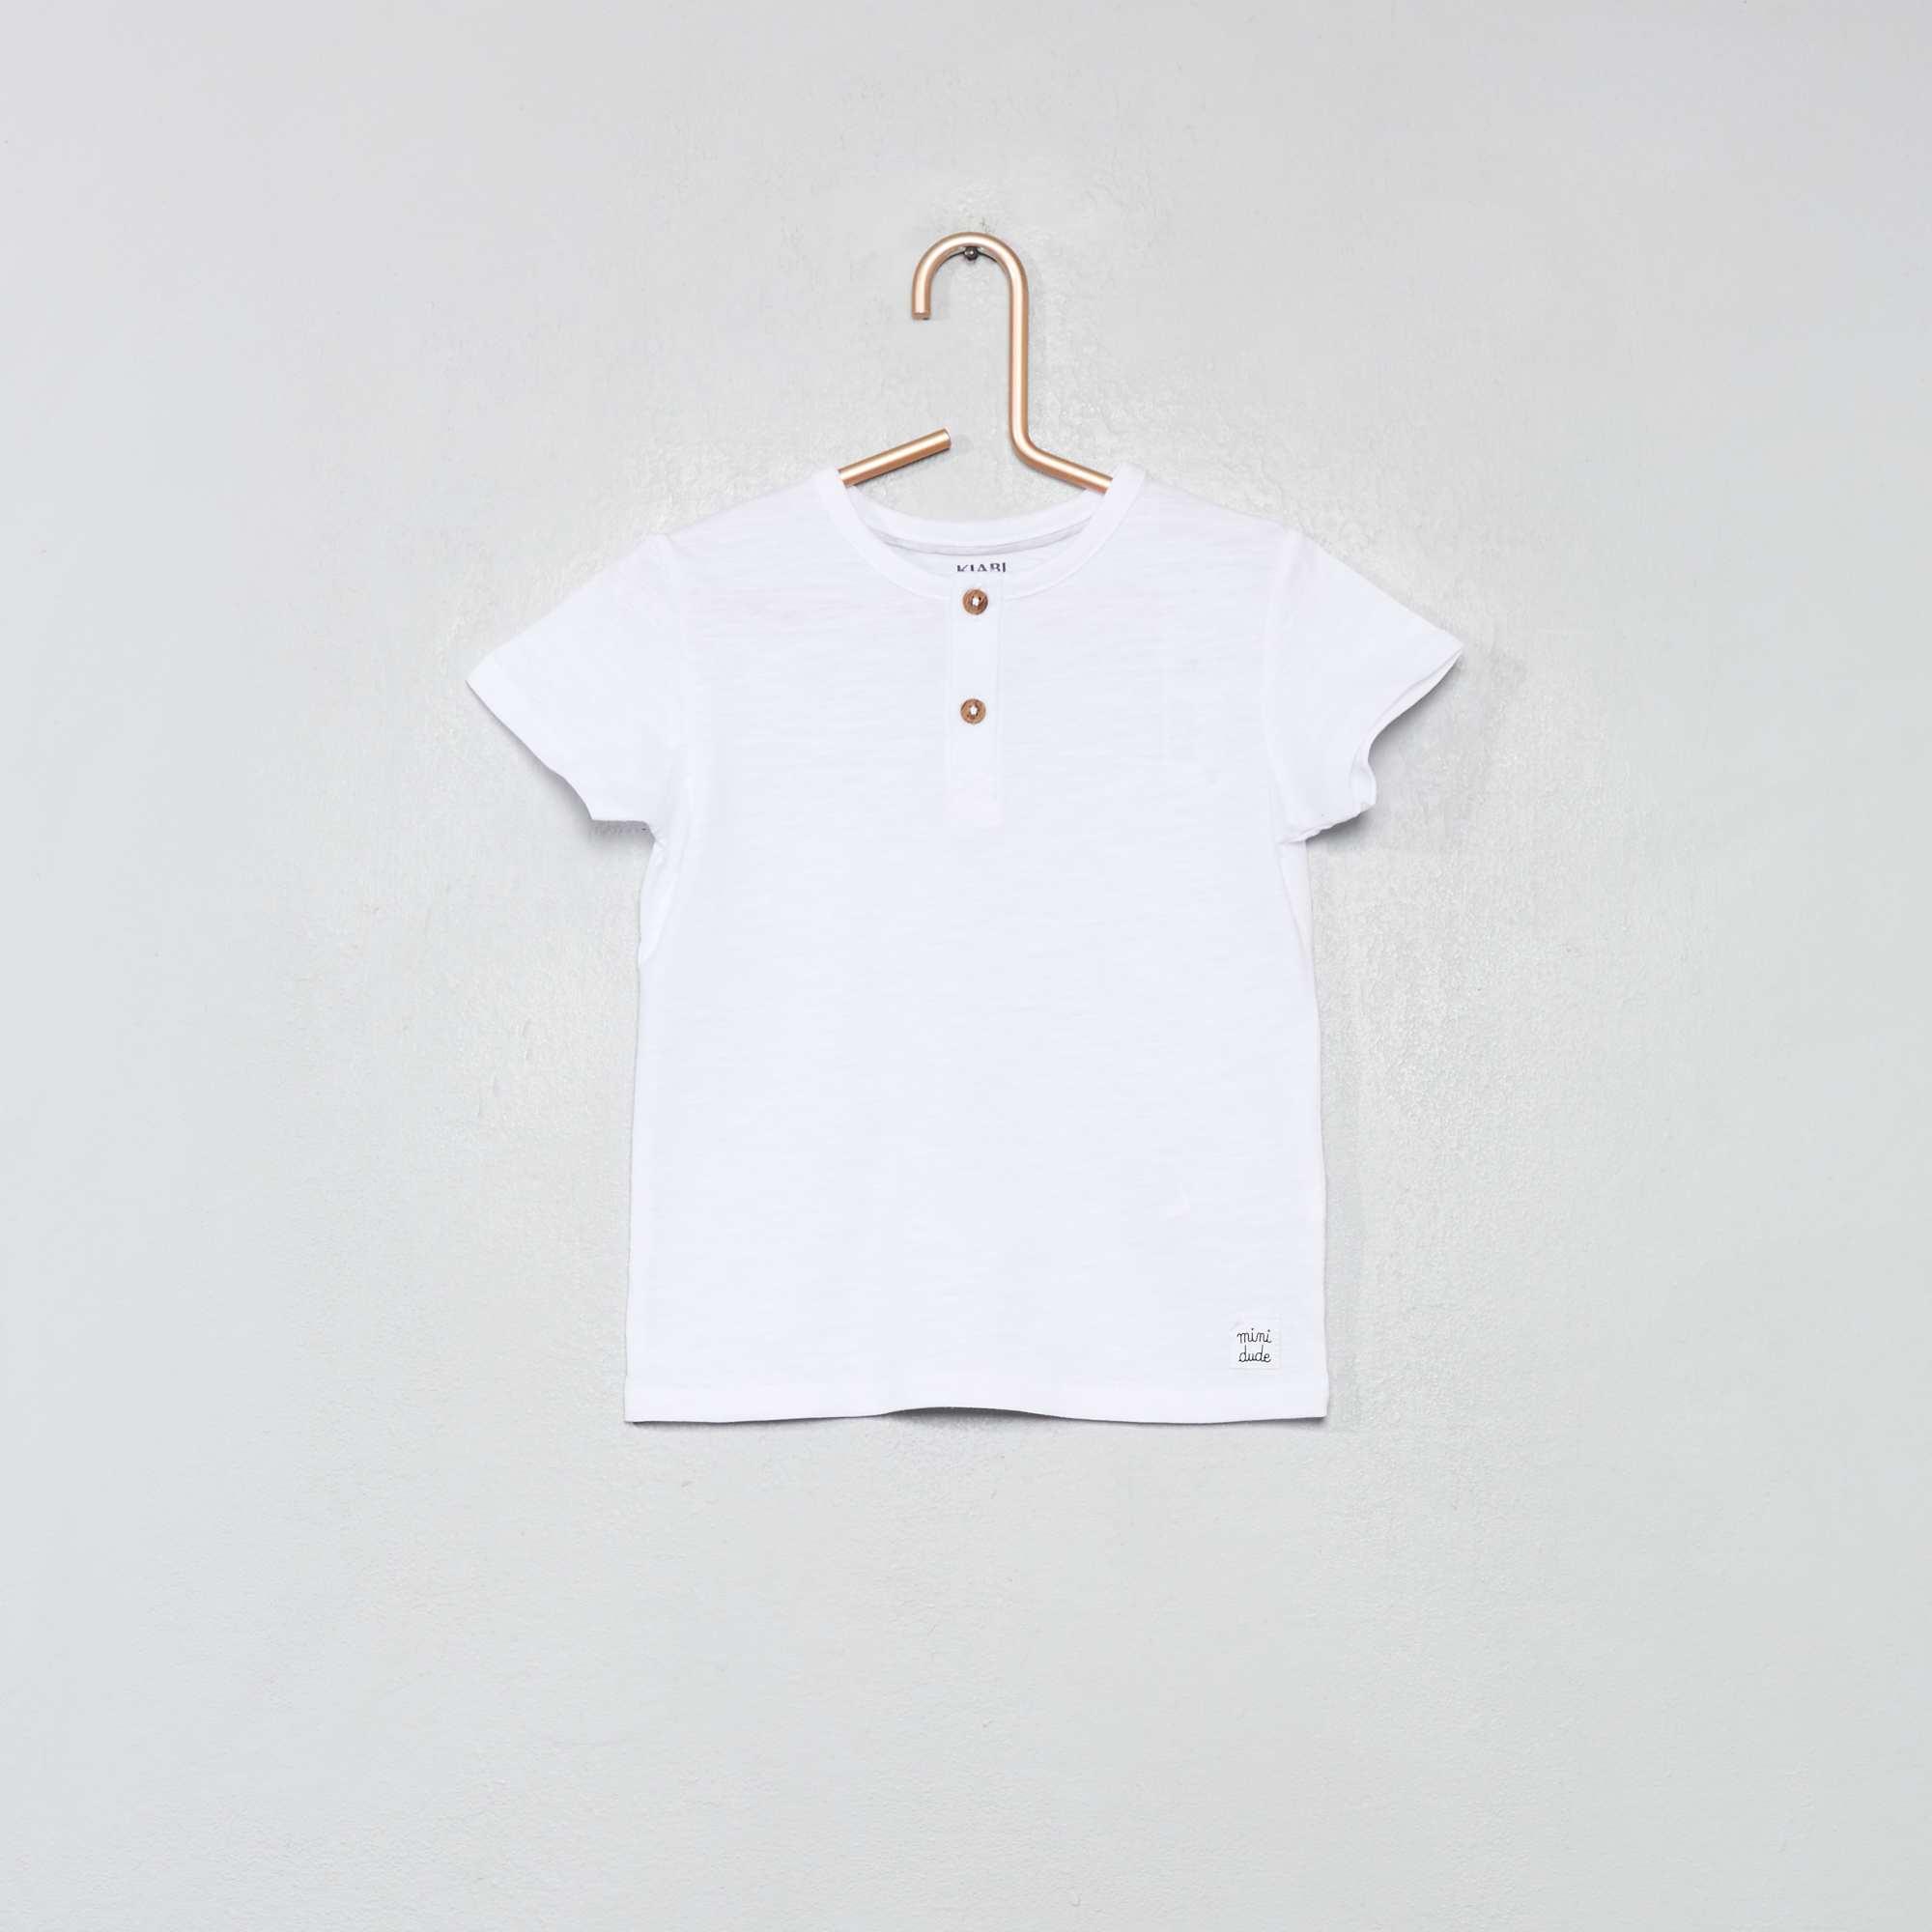 d3337945e Camiseta con cuello panadero de algodón orgánico blanco Bebé niño. Loading  zoom